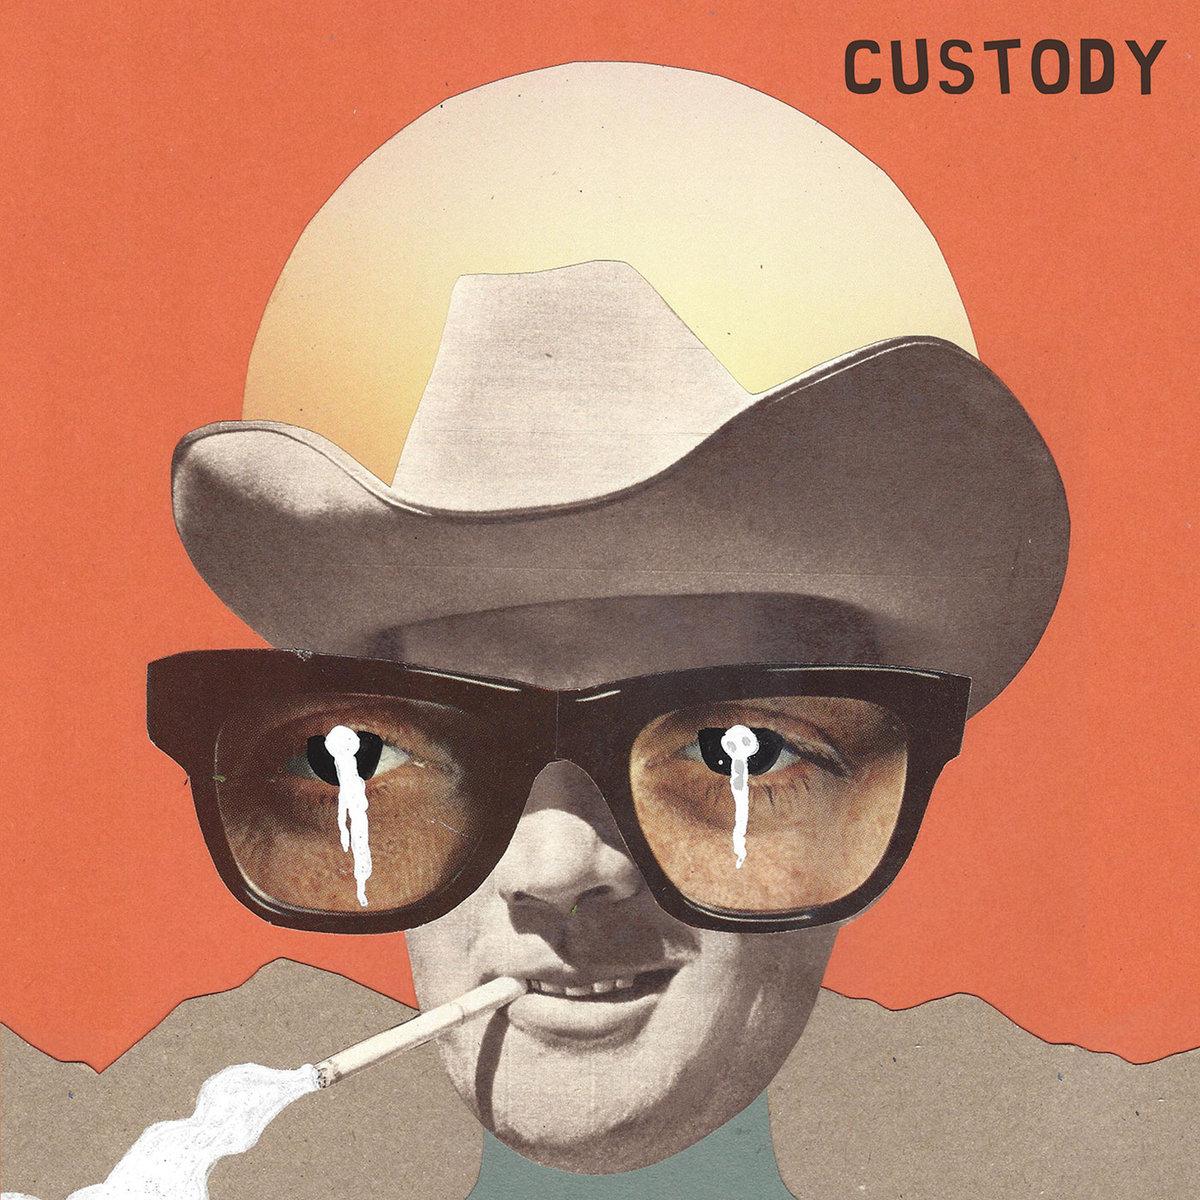 Custody - Blistered Soul / Whatever We Decide